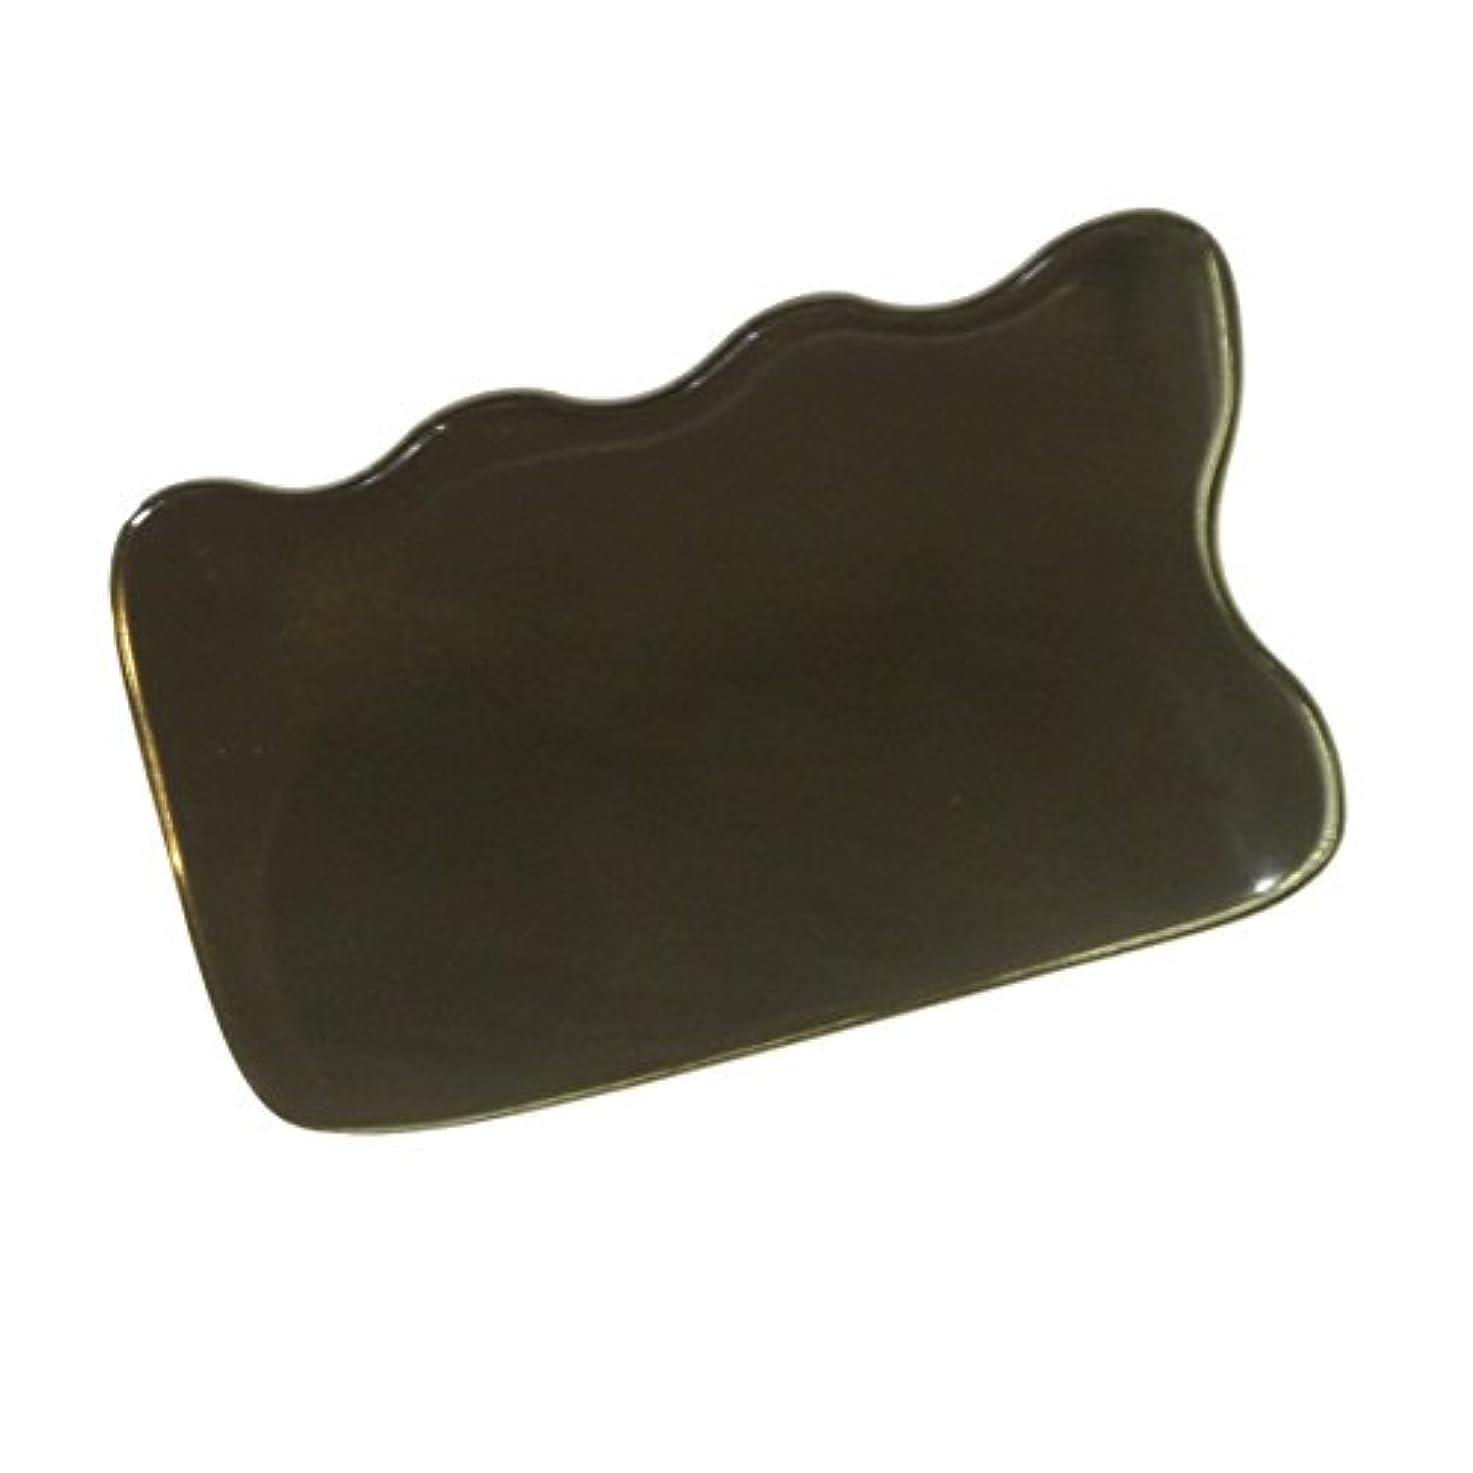 安価な年次夜明けにかっさ プレート 厚さが選べる 水牛の角(黒水牛角) EHE220 四角波 一般品 厚め(7ミリ程度)